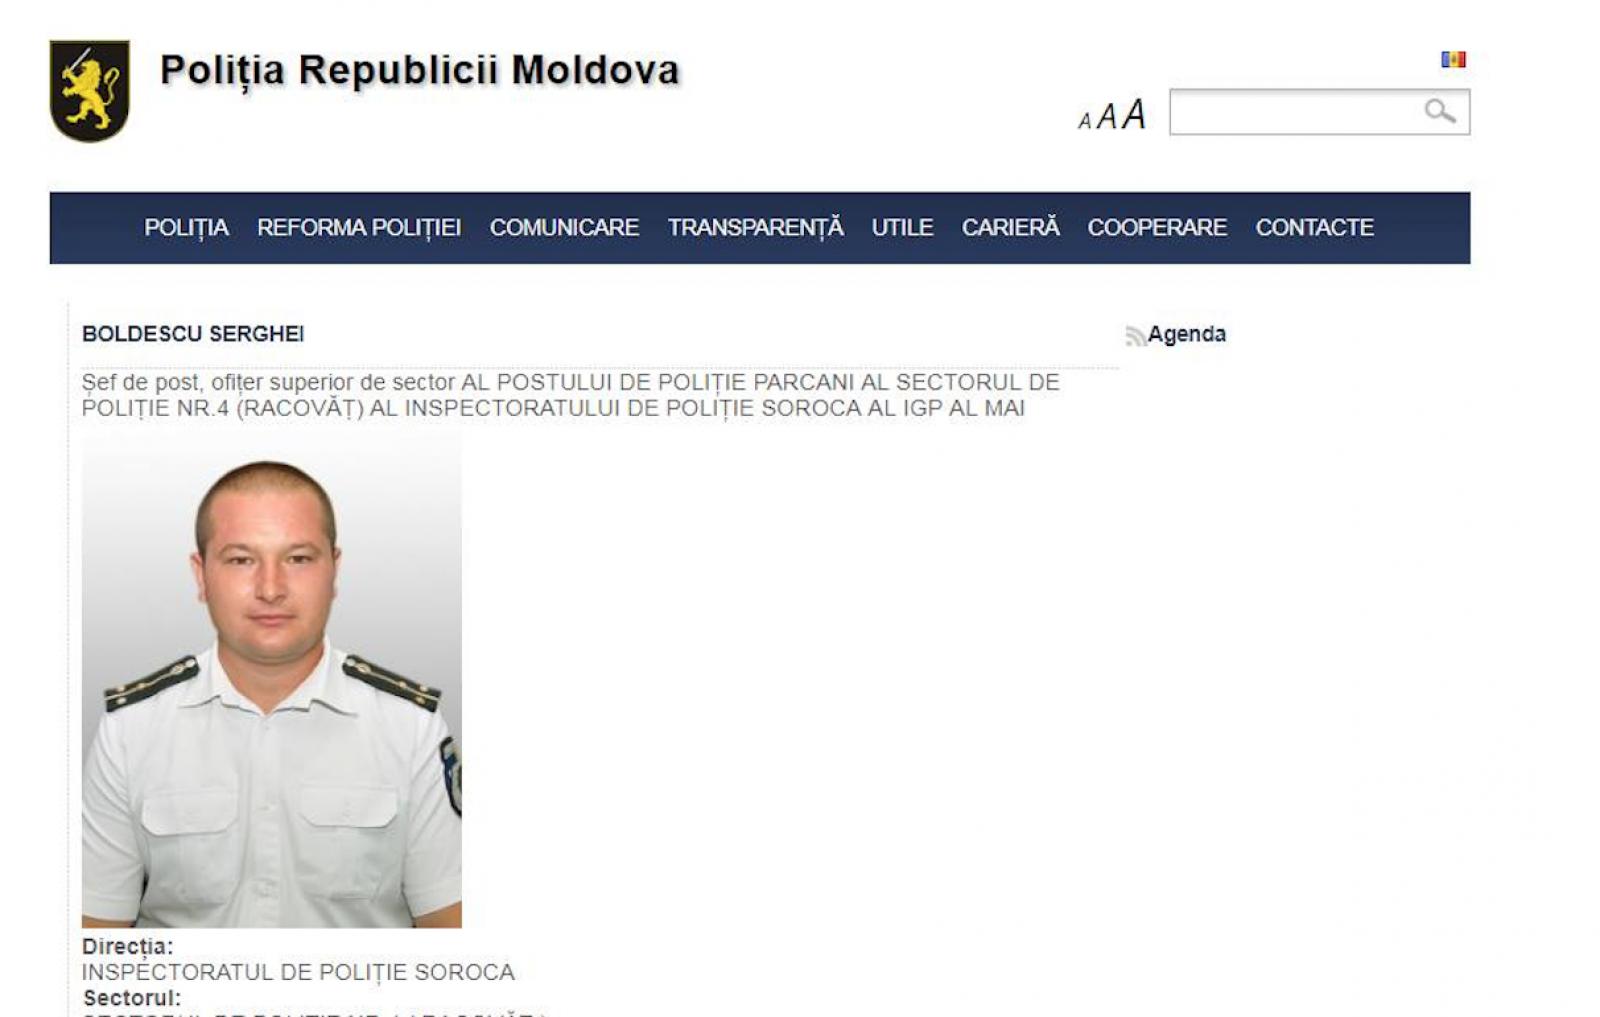 Precizarea Poliției, după ce ieri un fost polițist a amenințat un jurnalist: A fost condamnat la 5 ani de închisoare